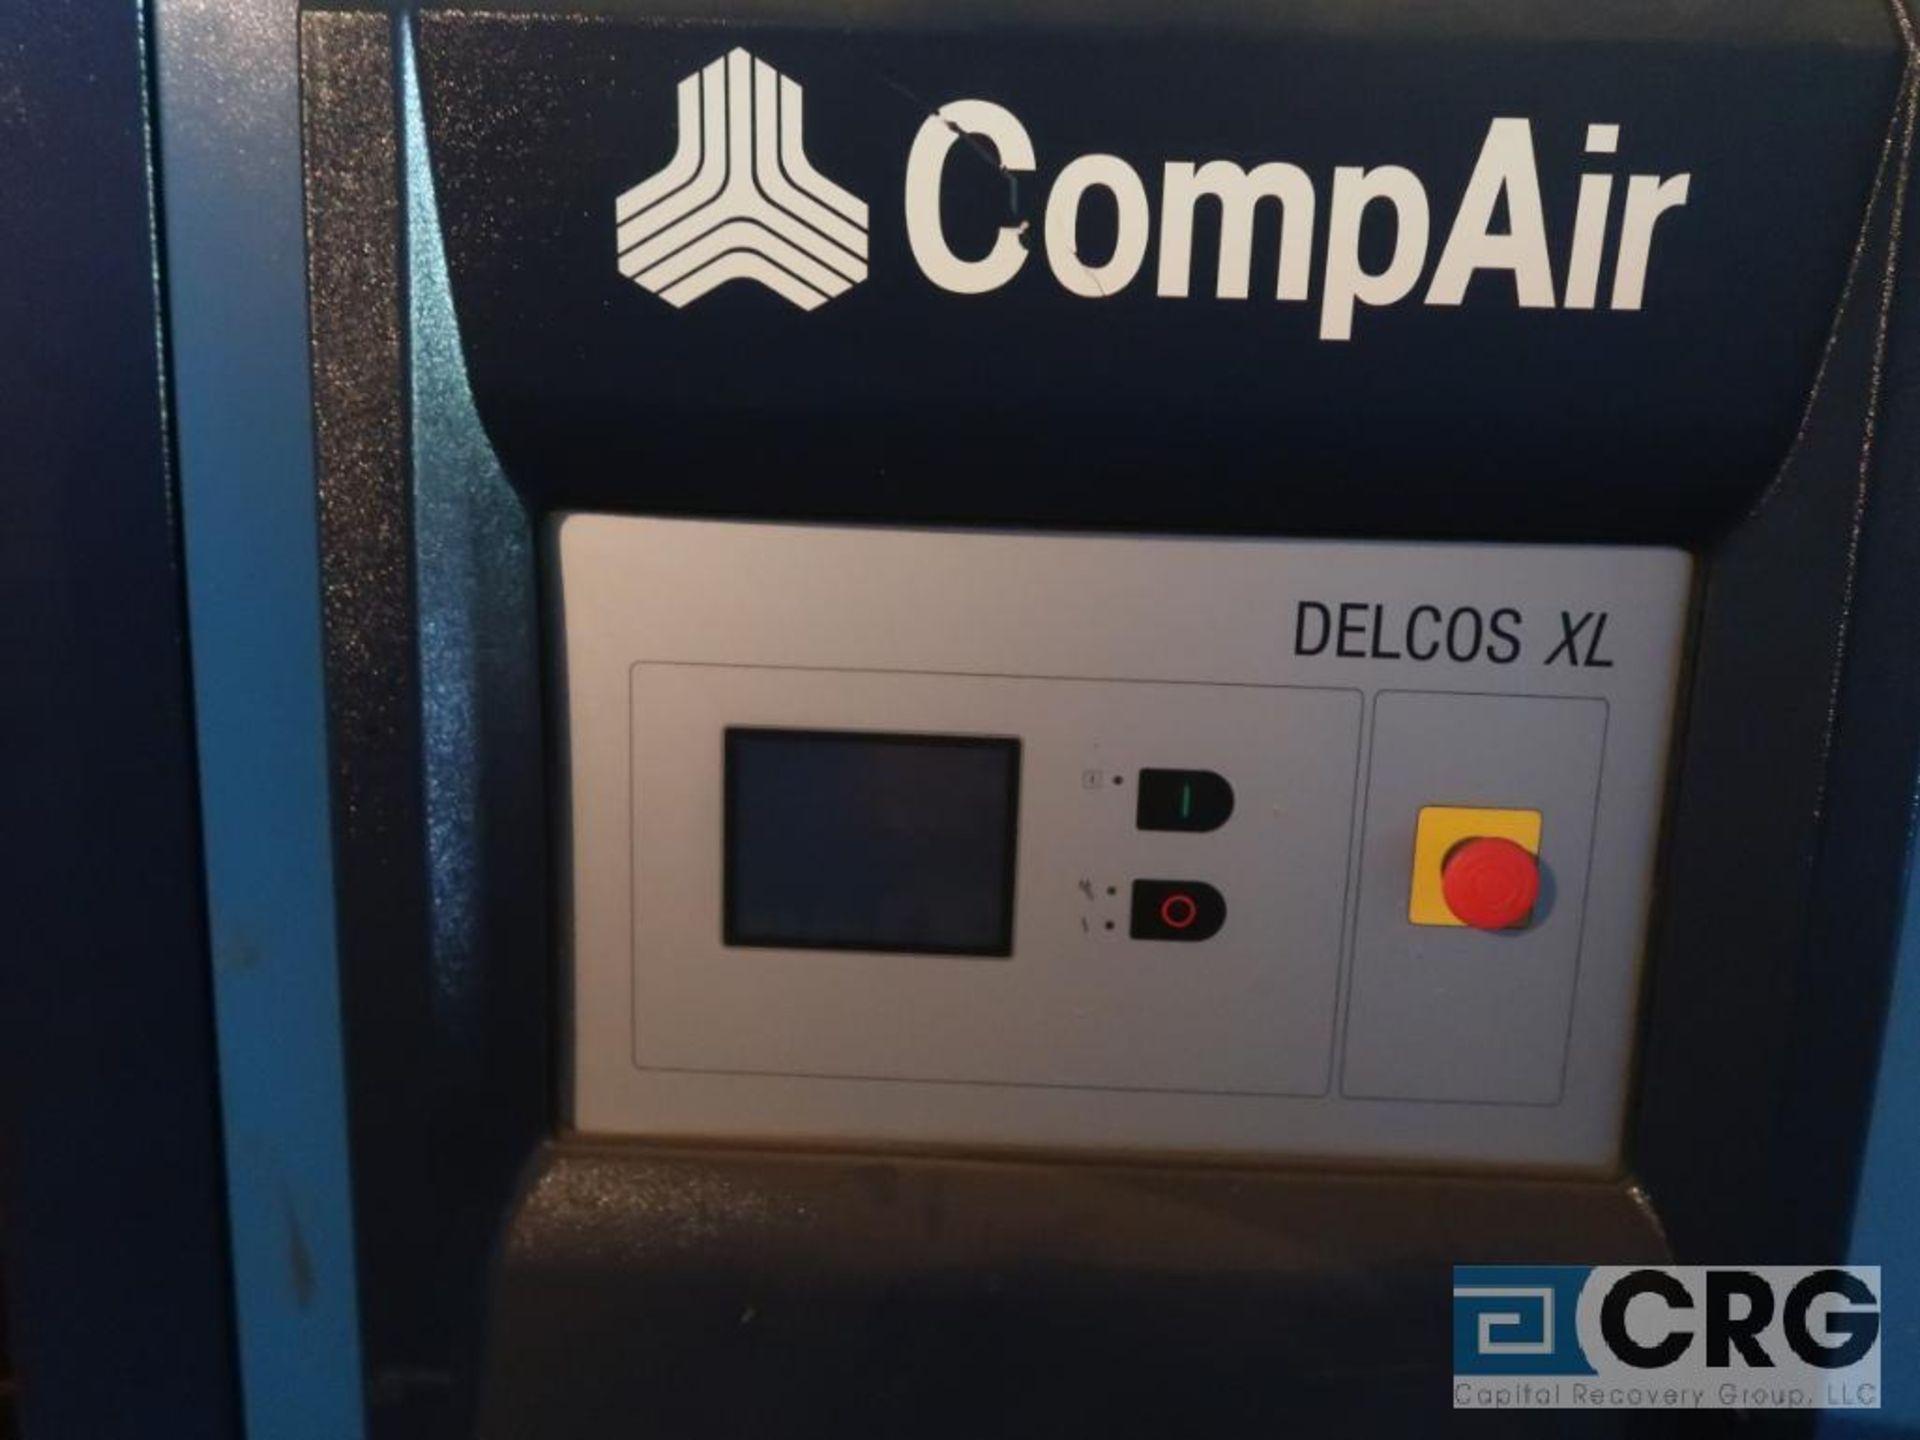 Gardner Denver L37RS DELCOSXL air compressor, mfg. 2011, s/n 6400001 (Off Site Warehouse) - Image 2 of 3